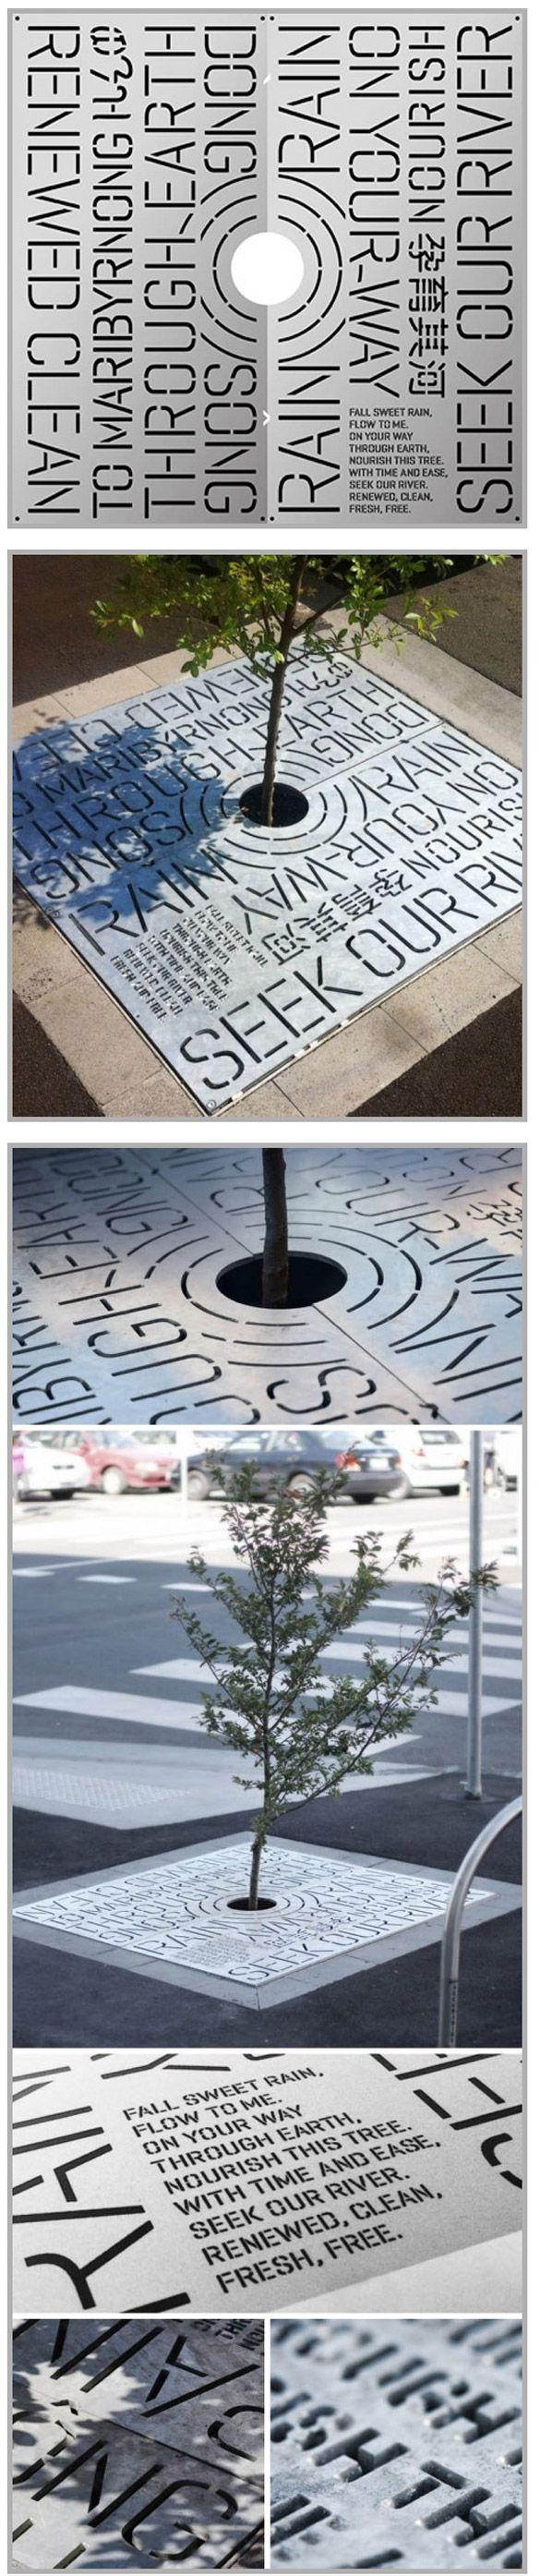 Quand un arbre pousse sur de la typographie.